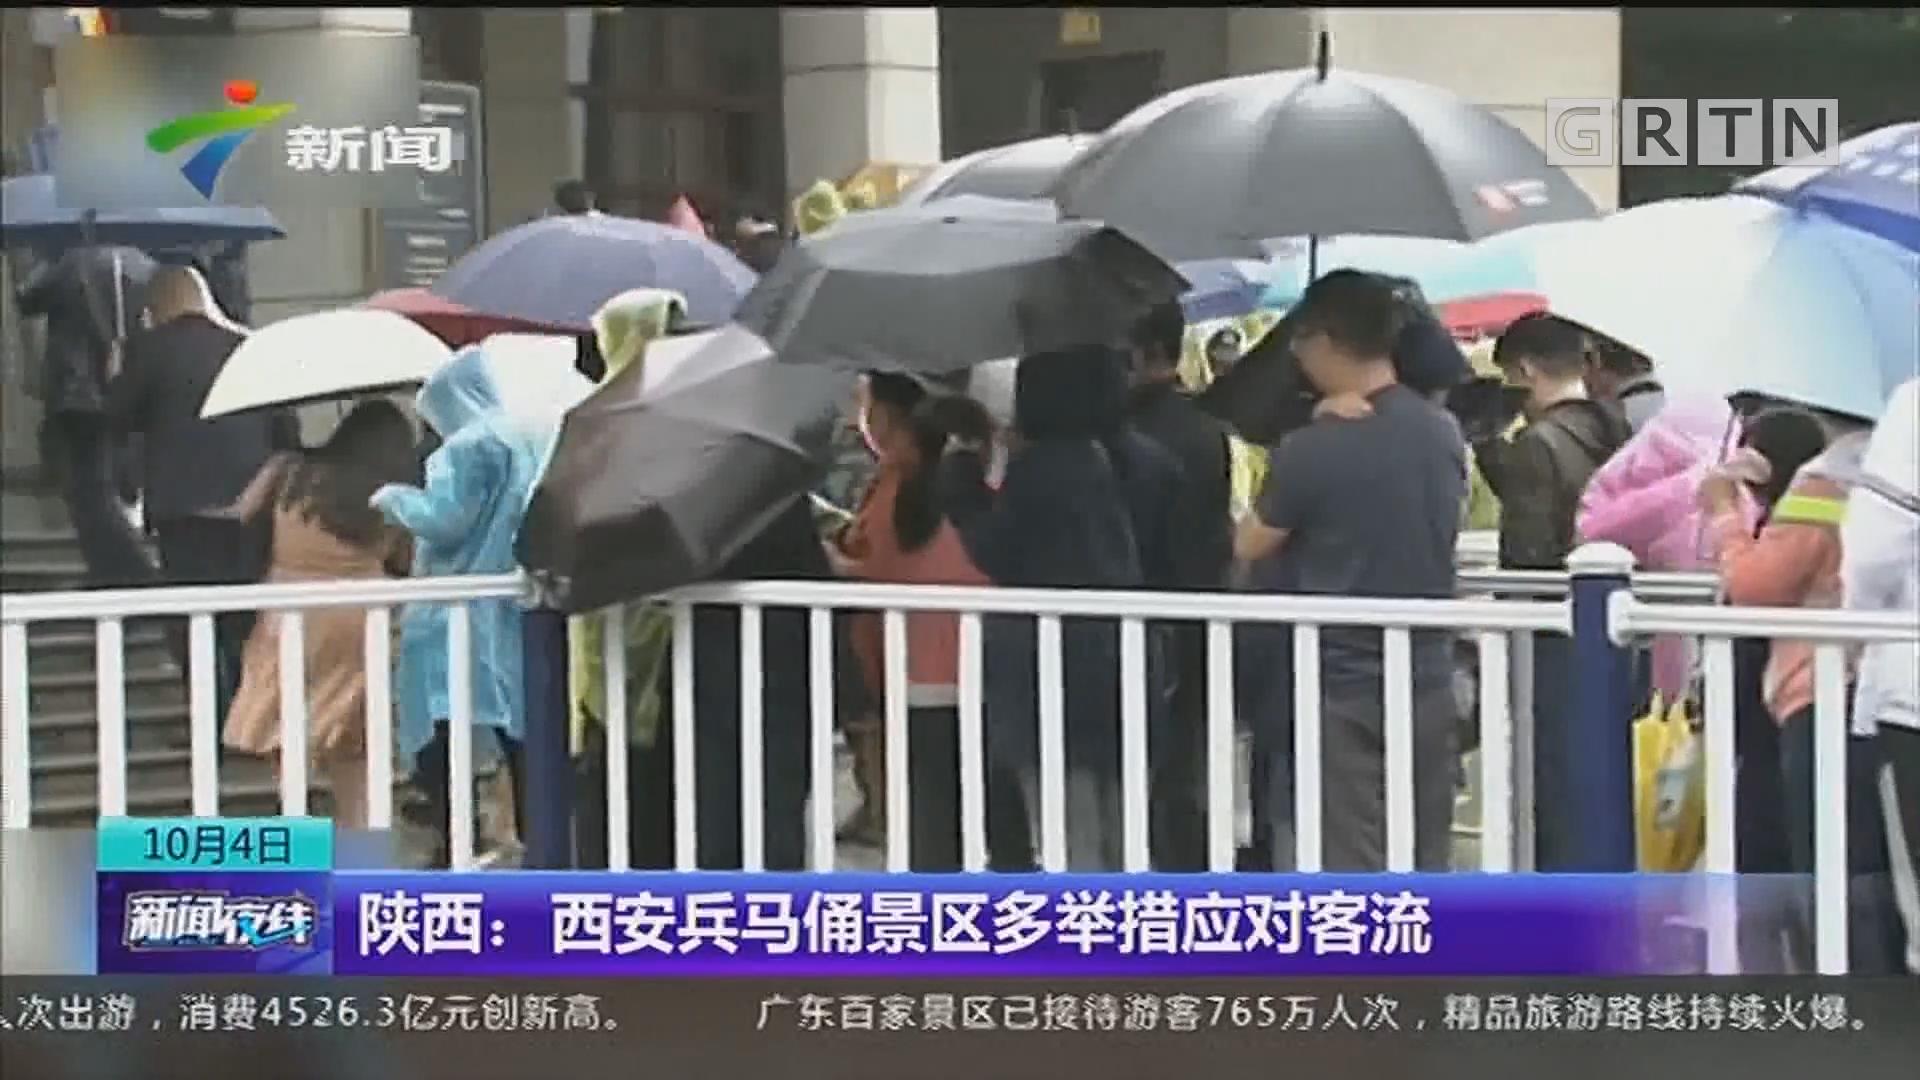 陕西:西安兵马俑景区多举措应对客流